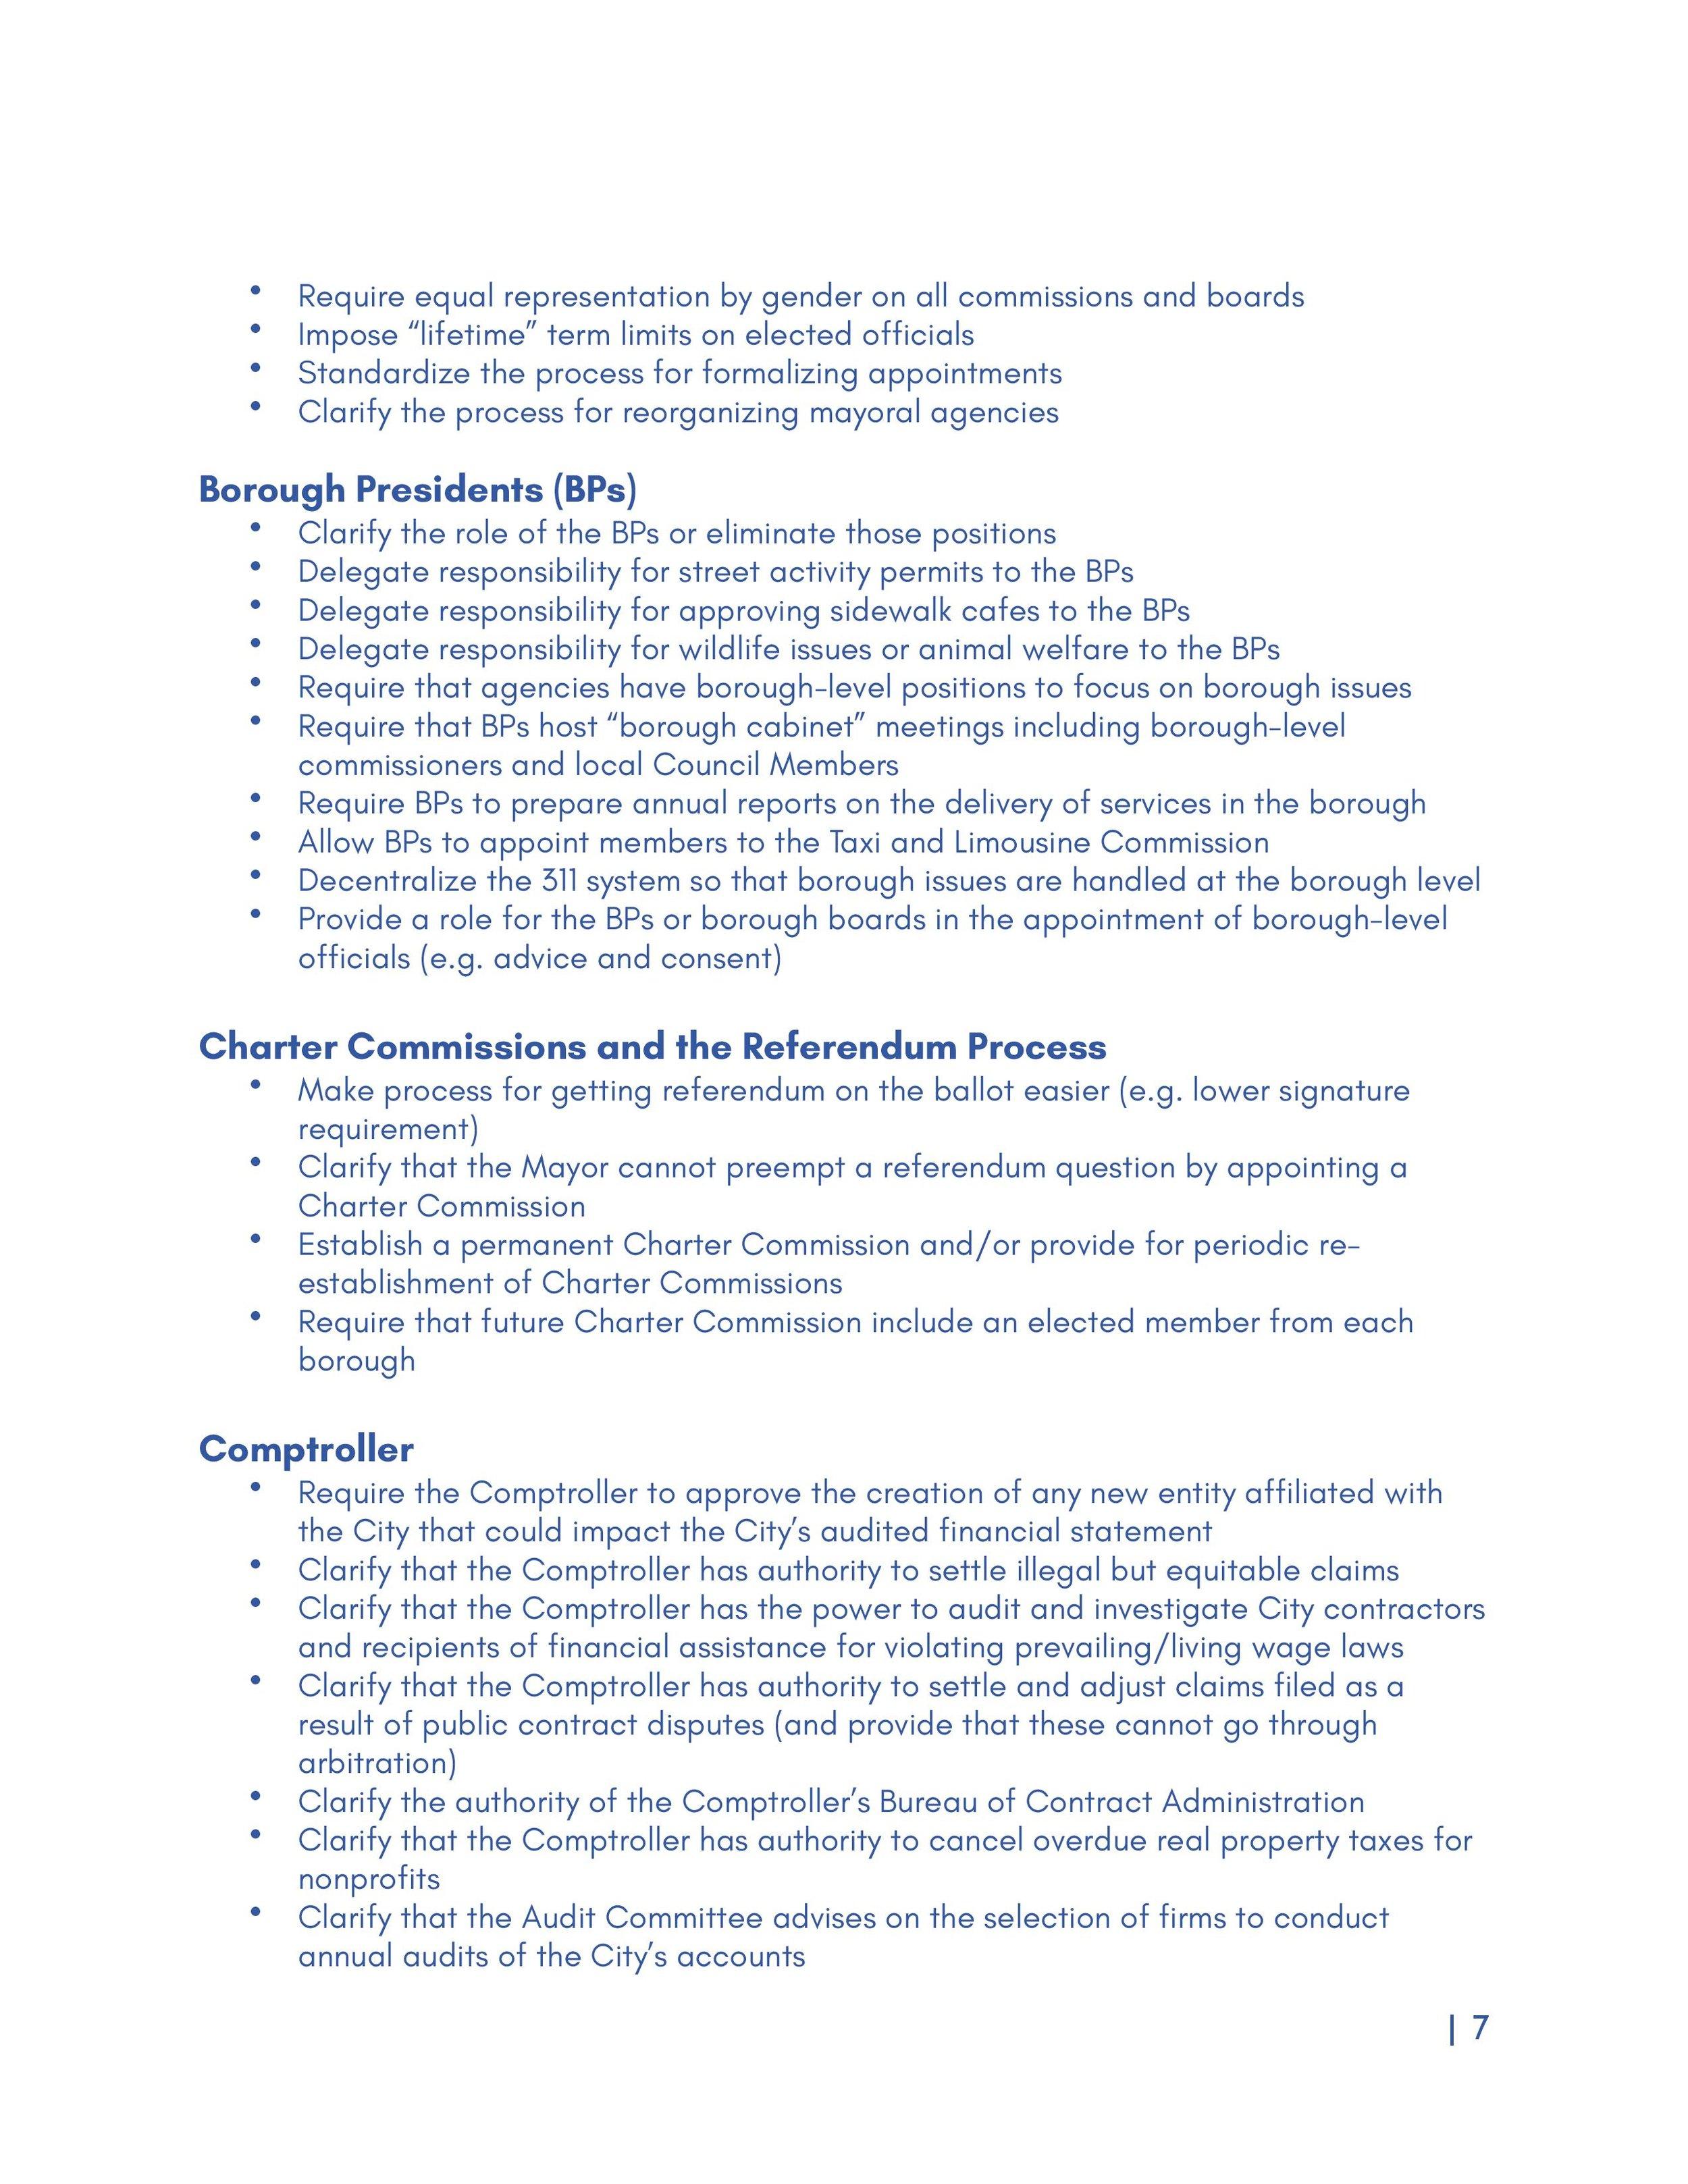 Proposals-page-007.jpg